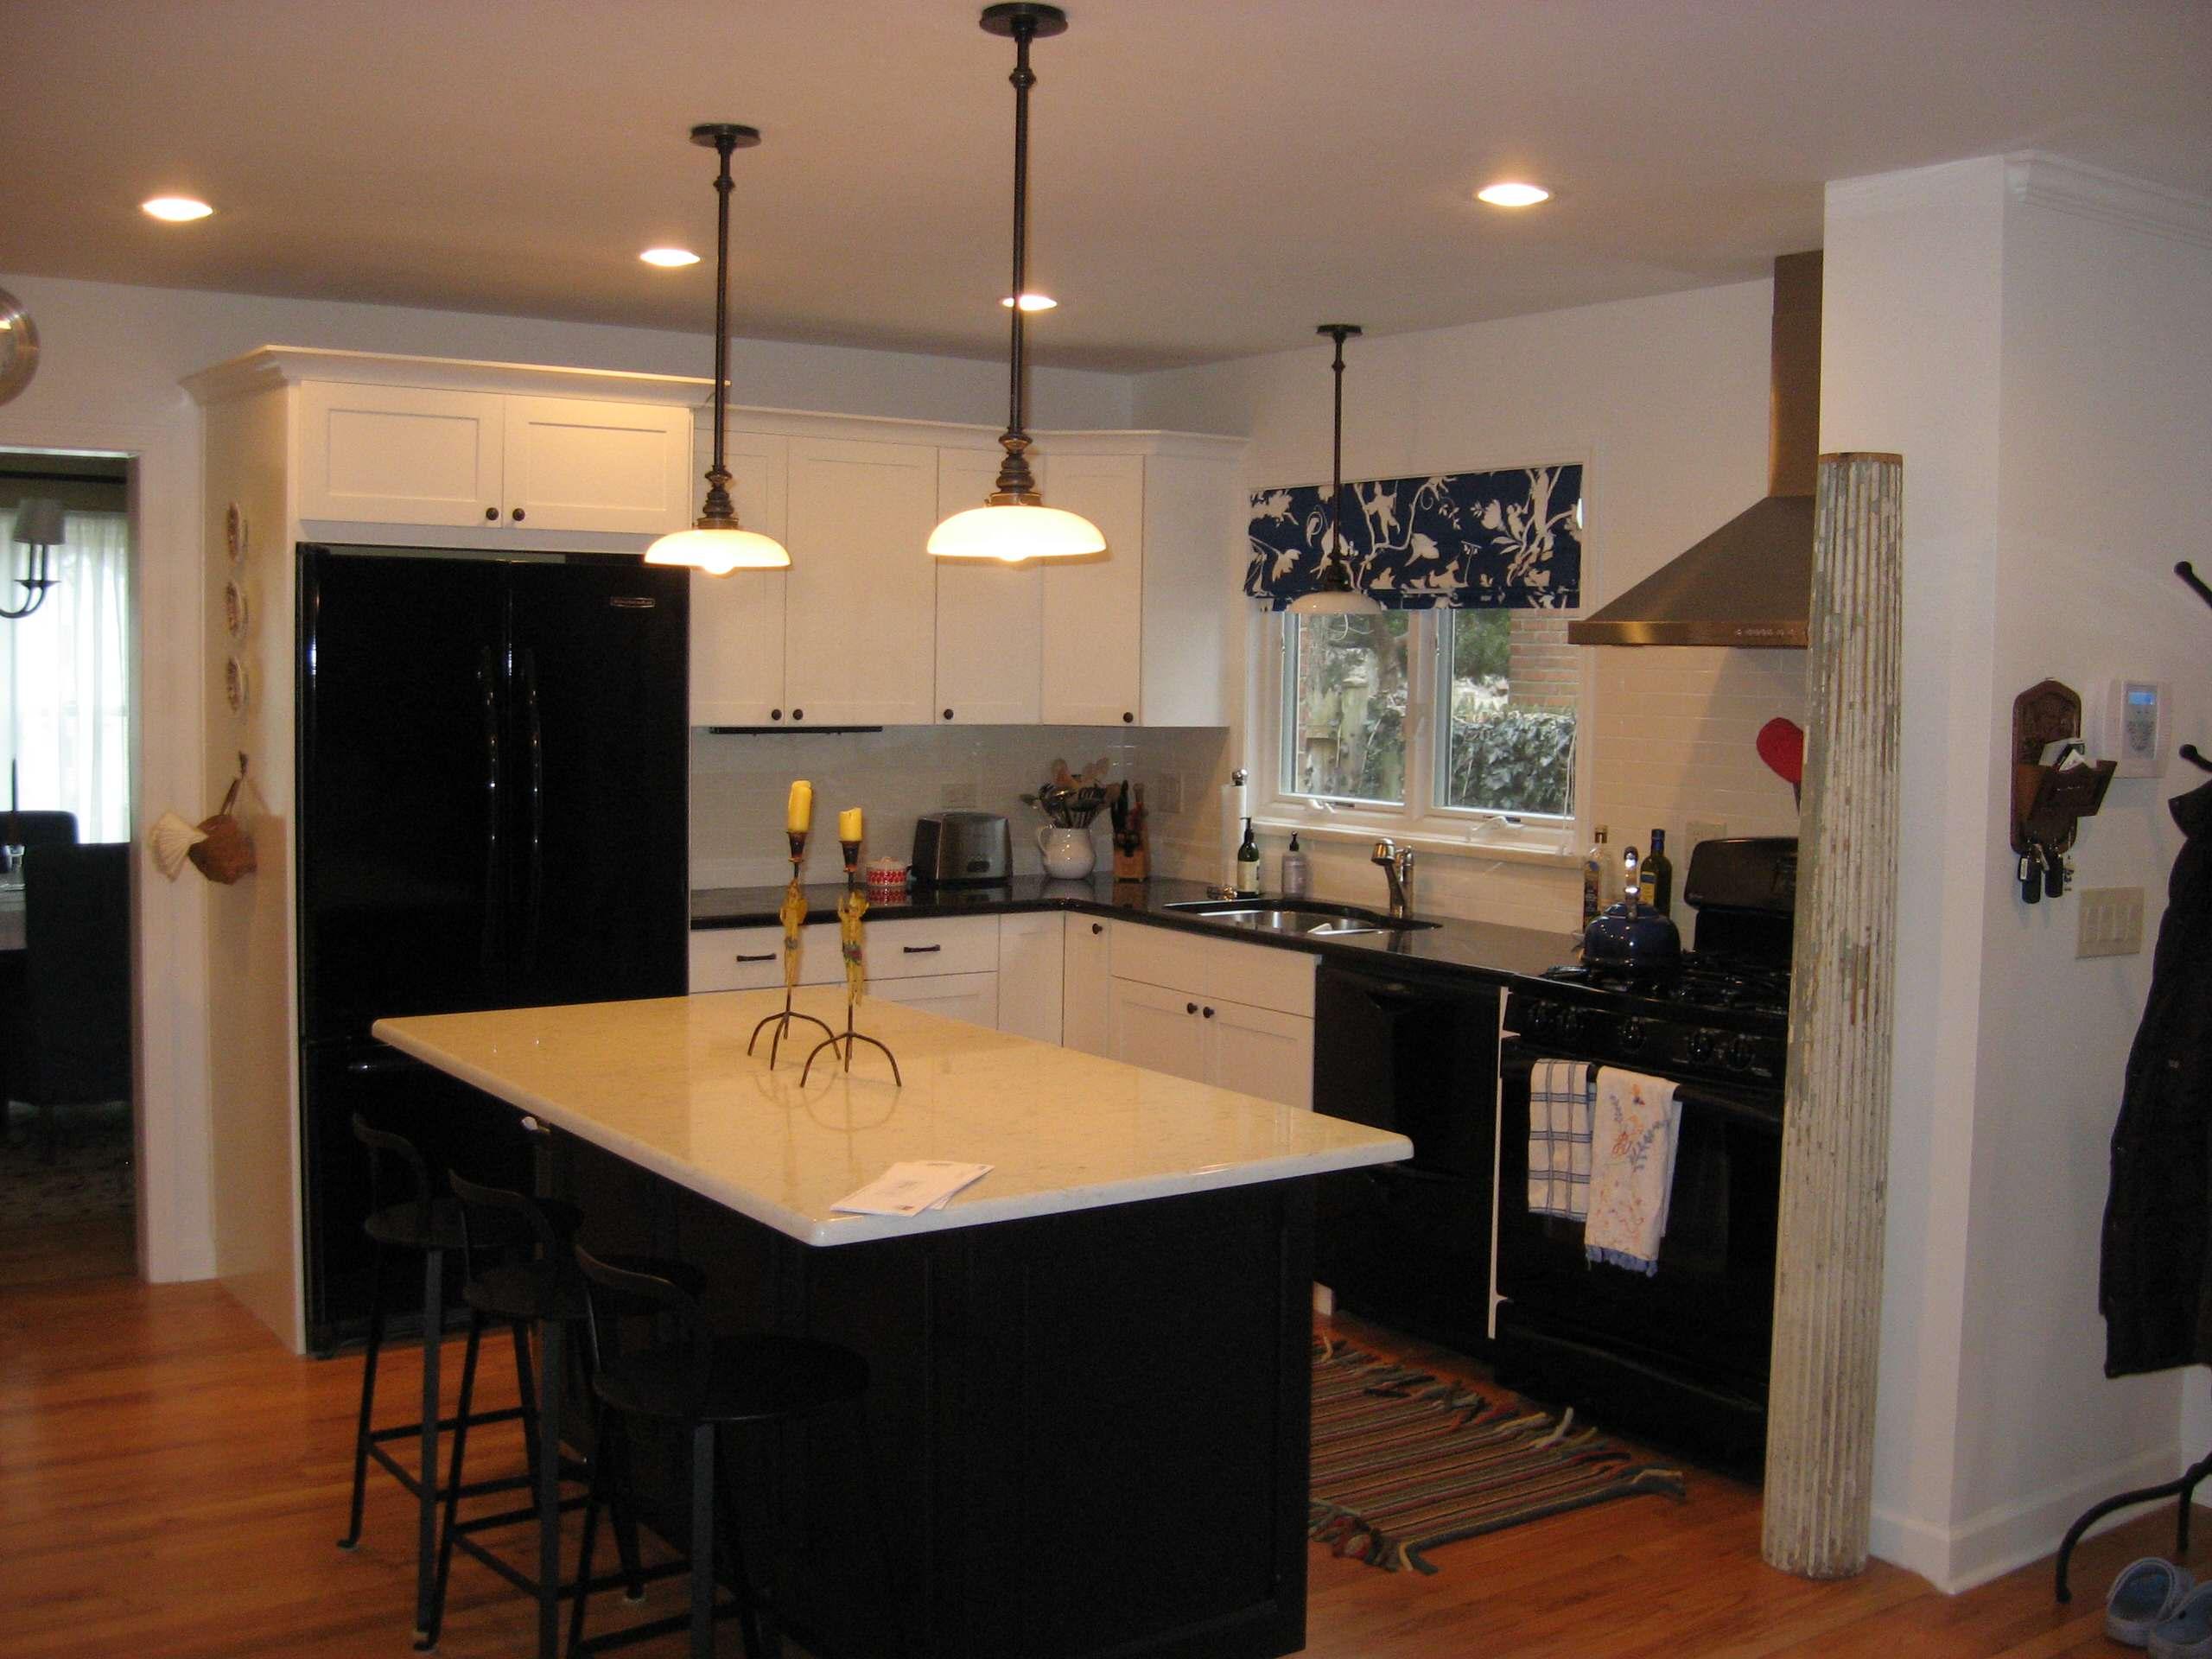 Evanston Kitchen: Before & After